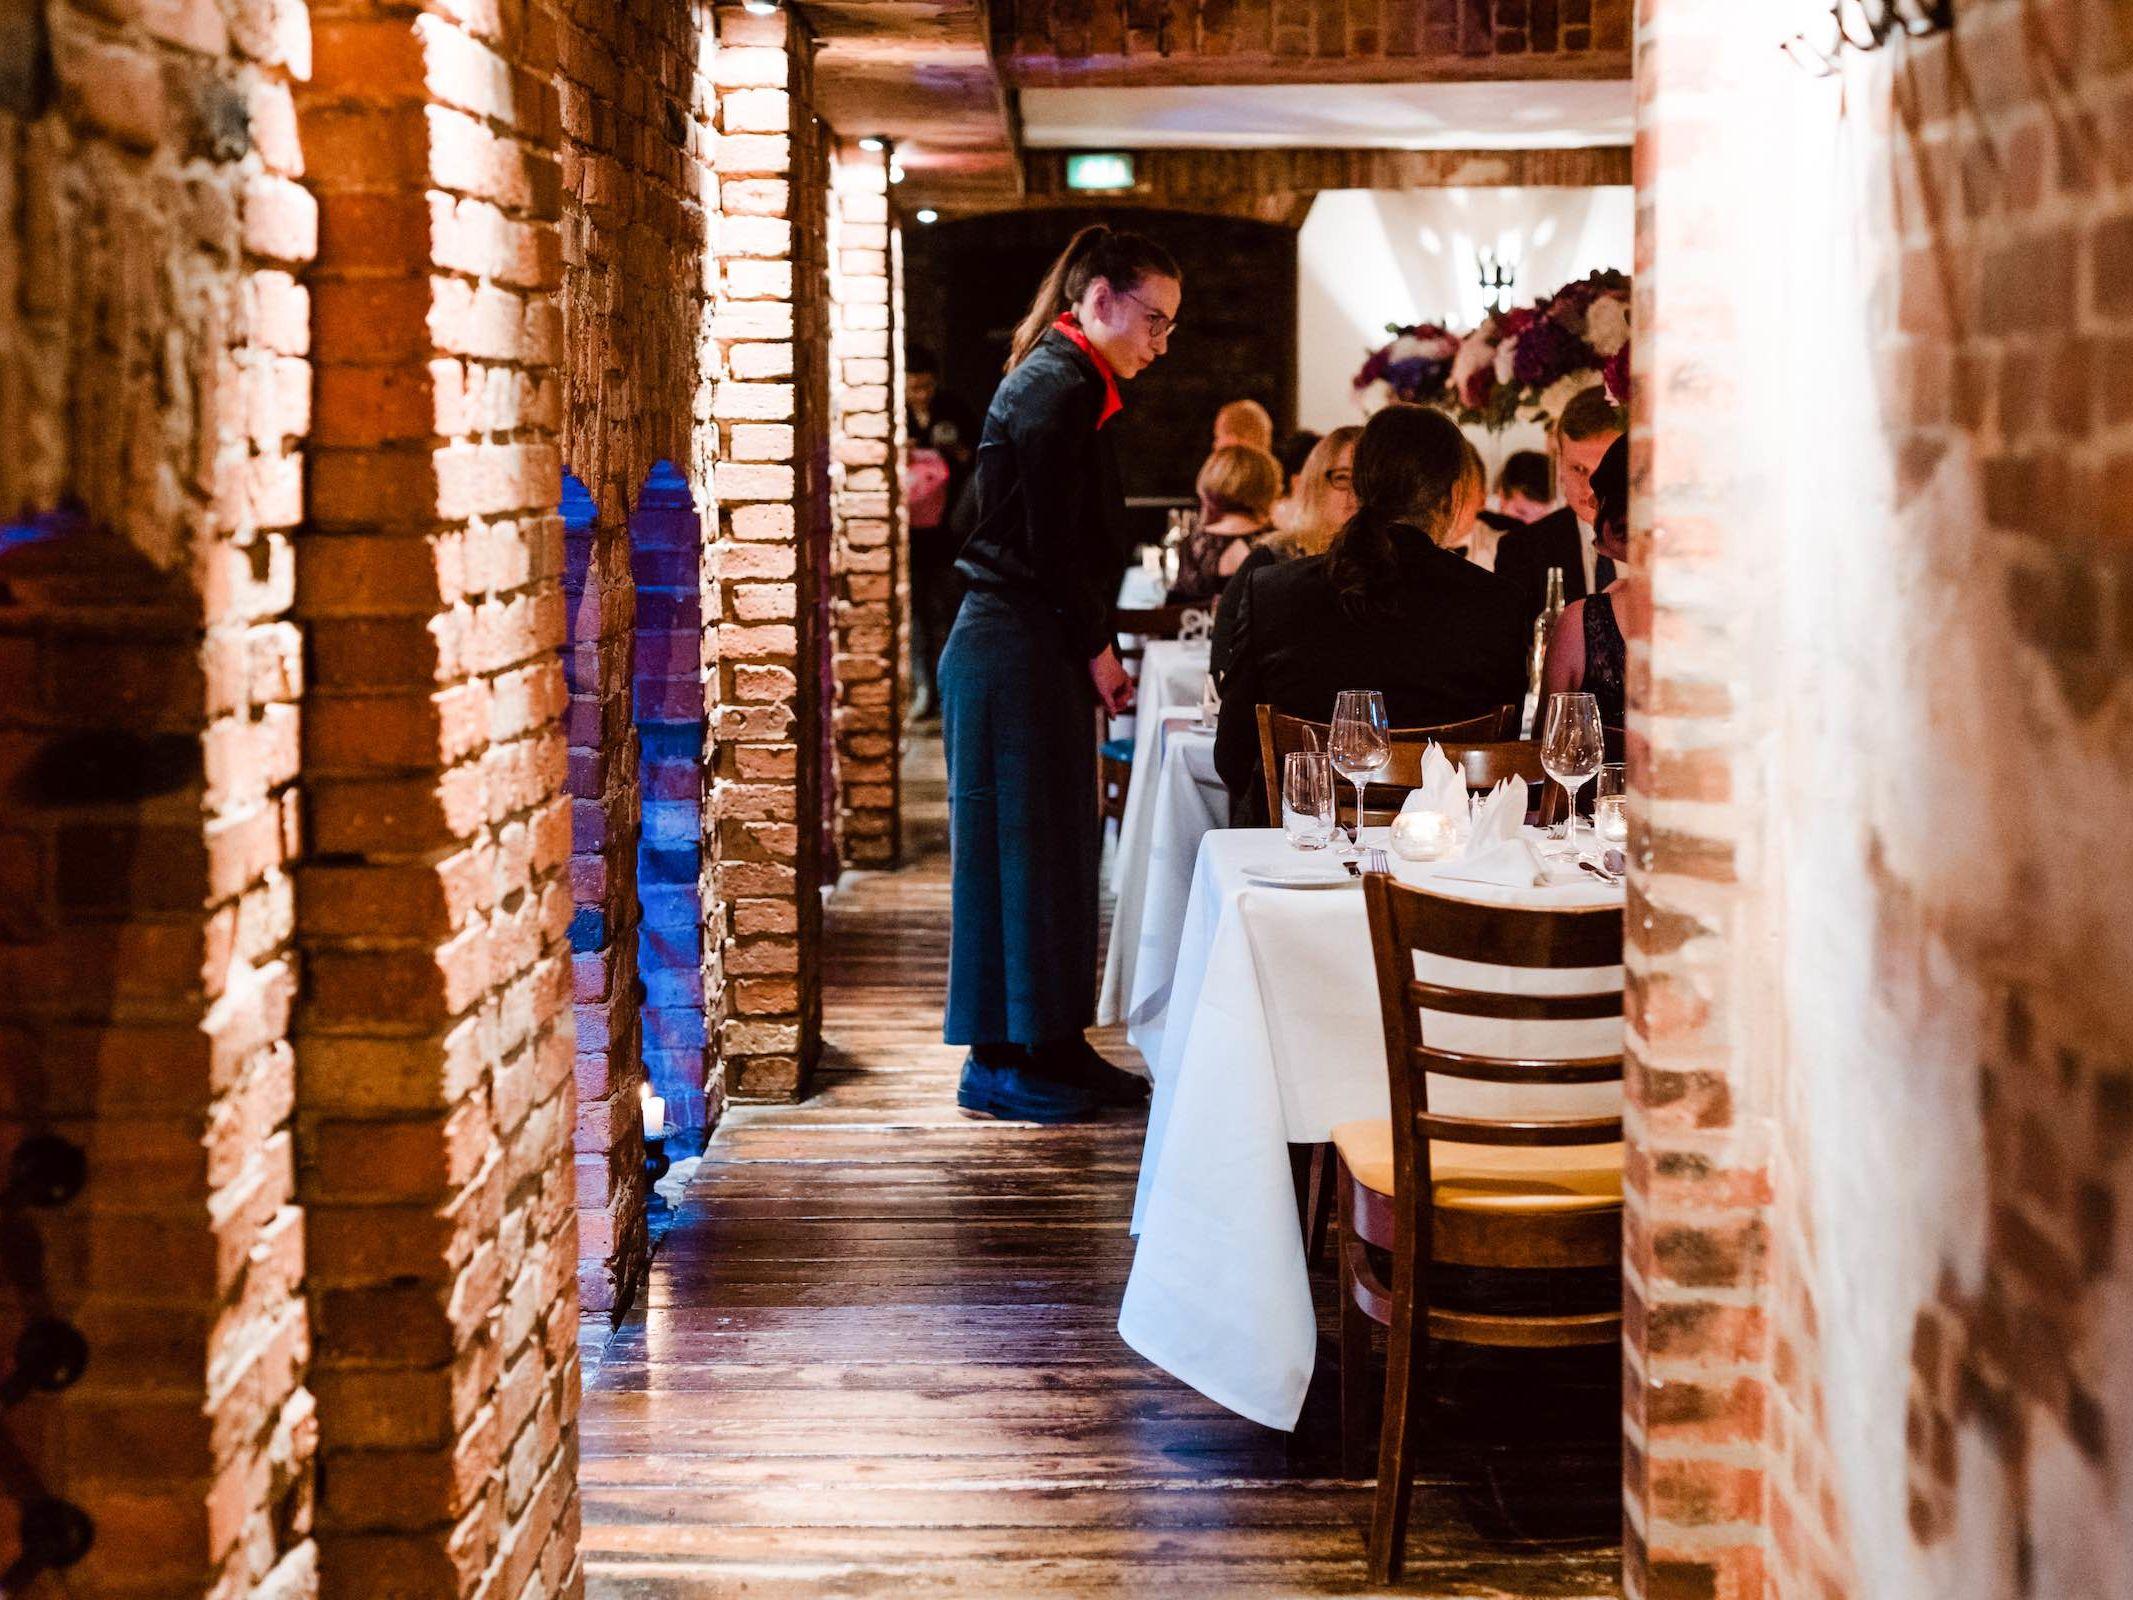 Burg | Königsworth | Roneburg | Hannover | Hochzeit | Geburtstag | Firmenfeier | Referenz | Locations | Fotografie | Fotograf | DJ | Hochzeitsreportage | Catering | Service | Lehmann | Eventservice